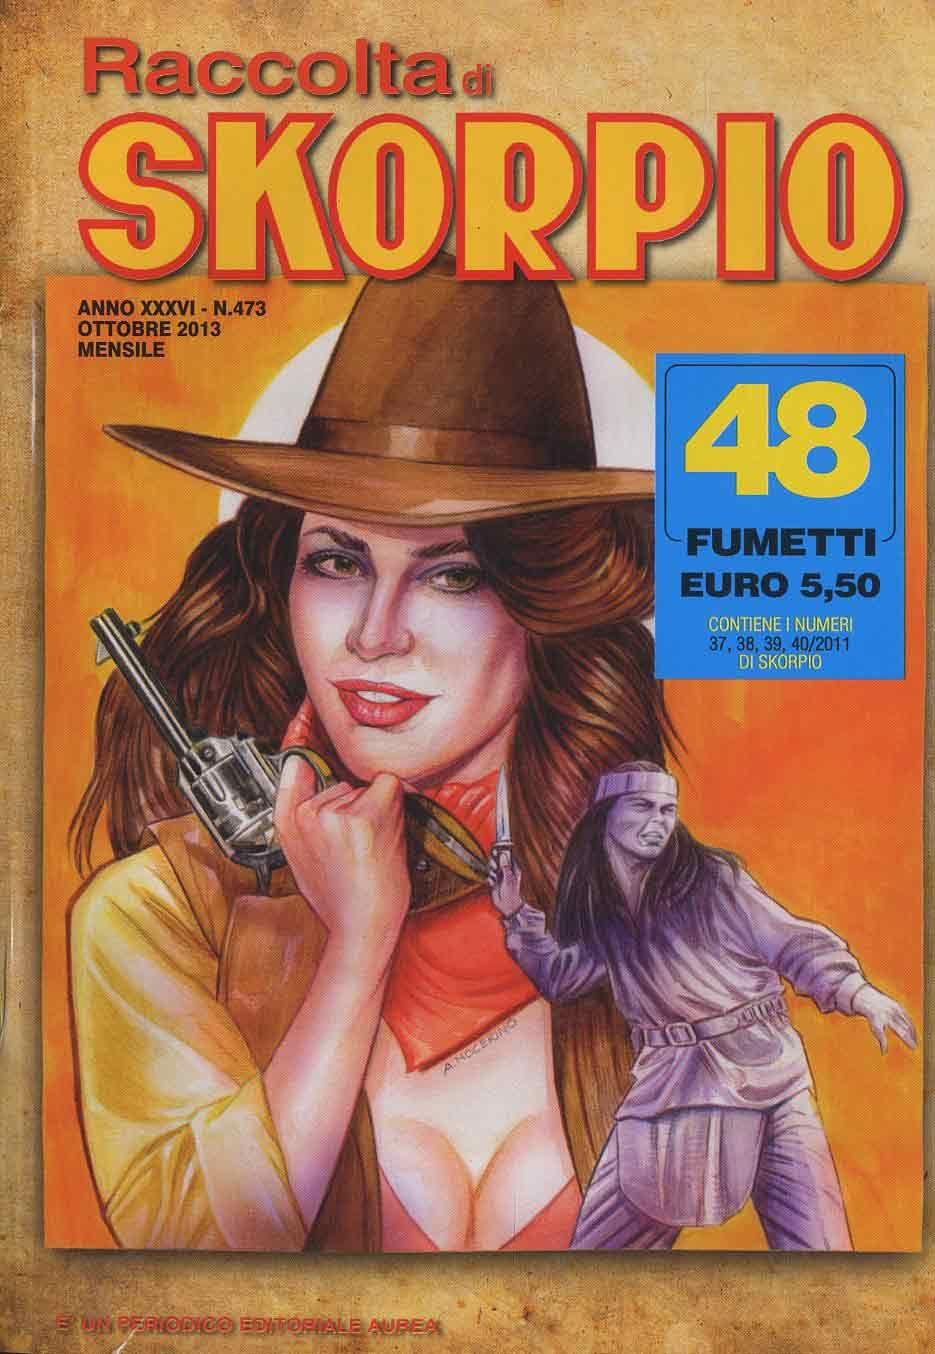 Fumetti EDITORIALE AUREA, Collana SKORPIO RACCOLTA n°473 Ottobre 2013